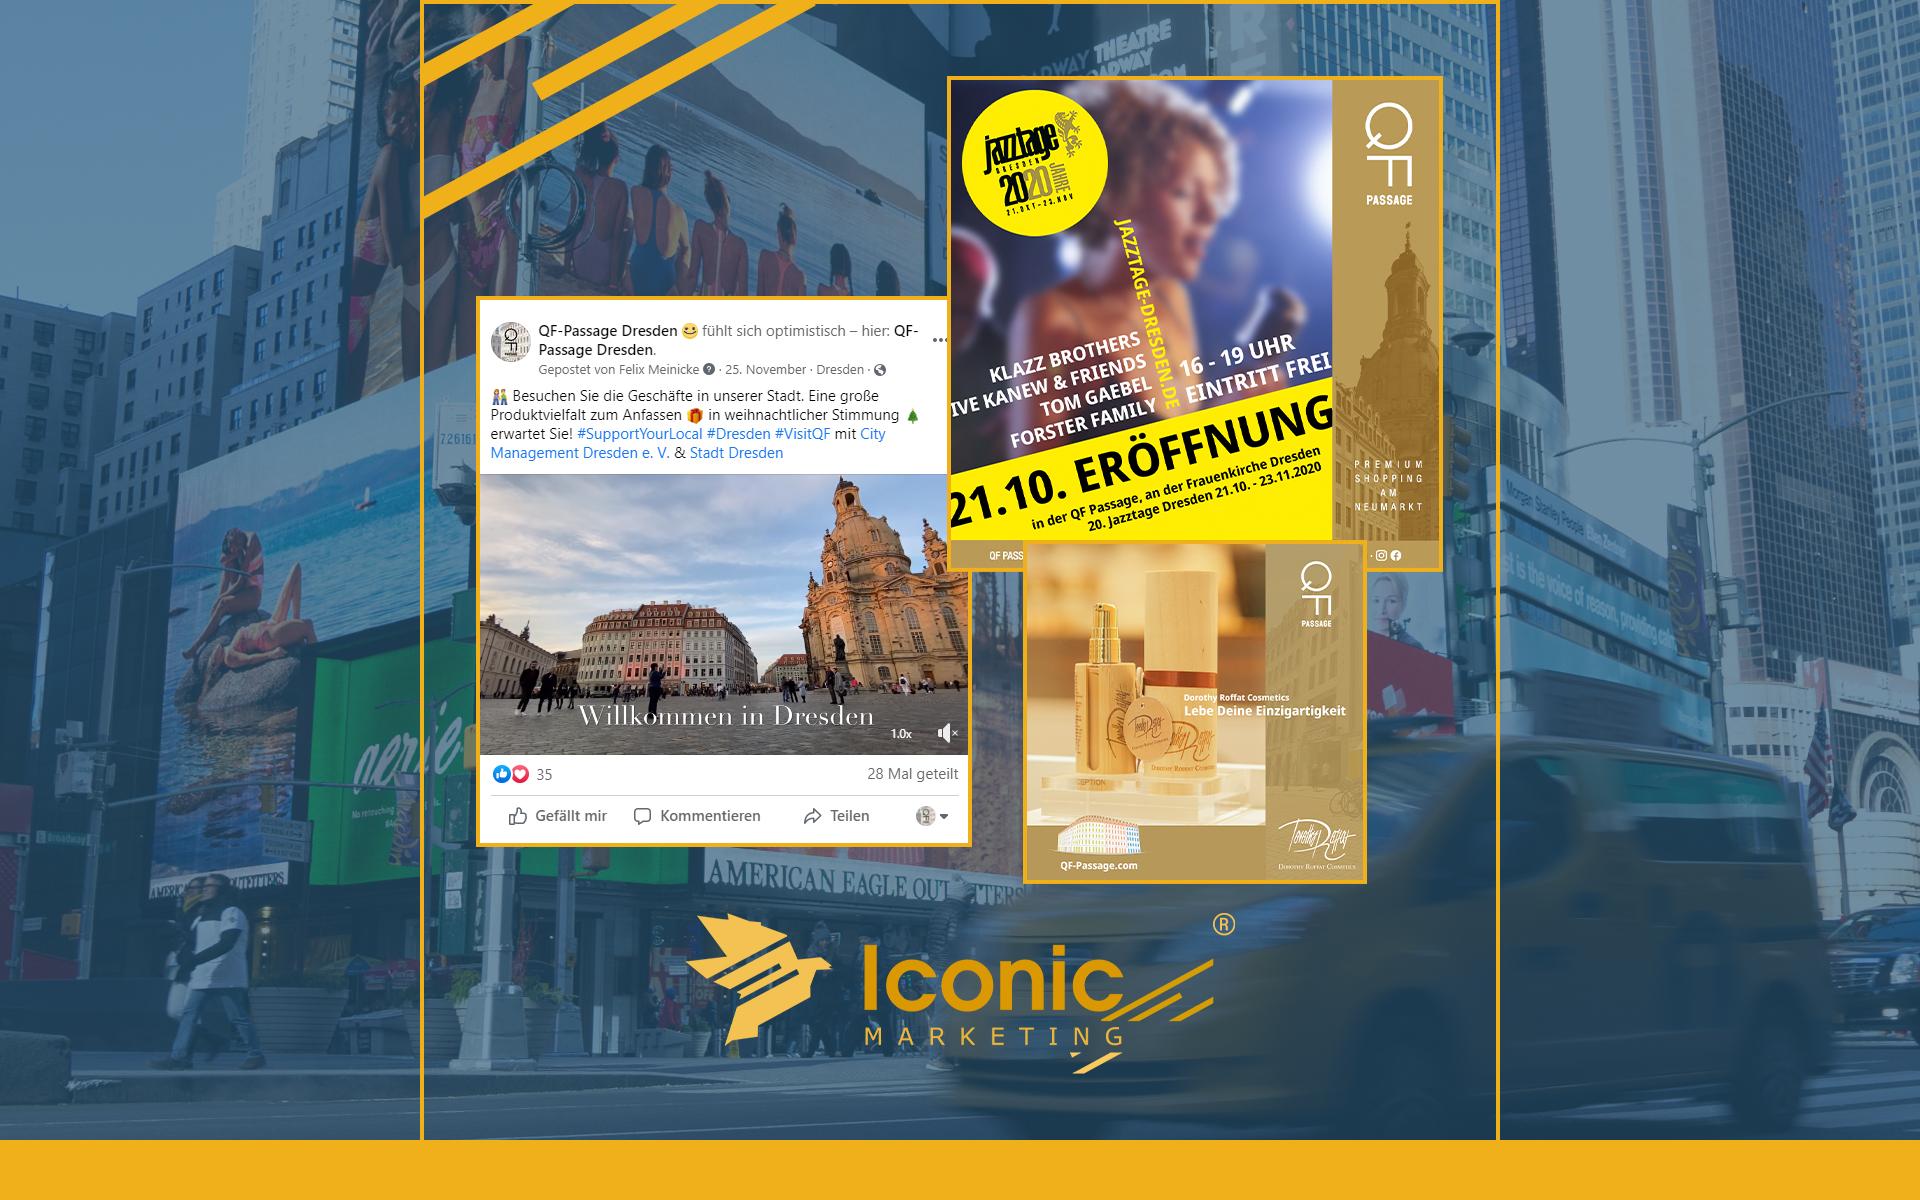 Iconic Marketing Prime produziert Ihre Fotos und Videos